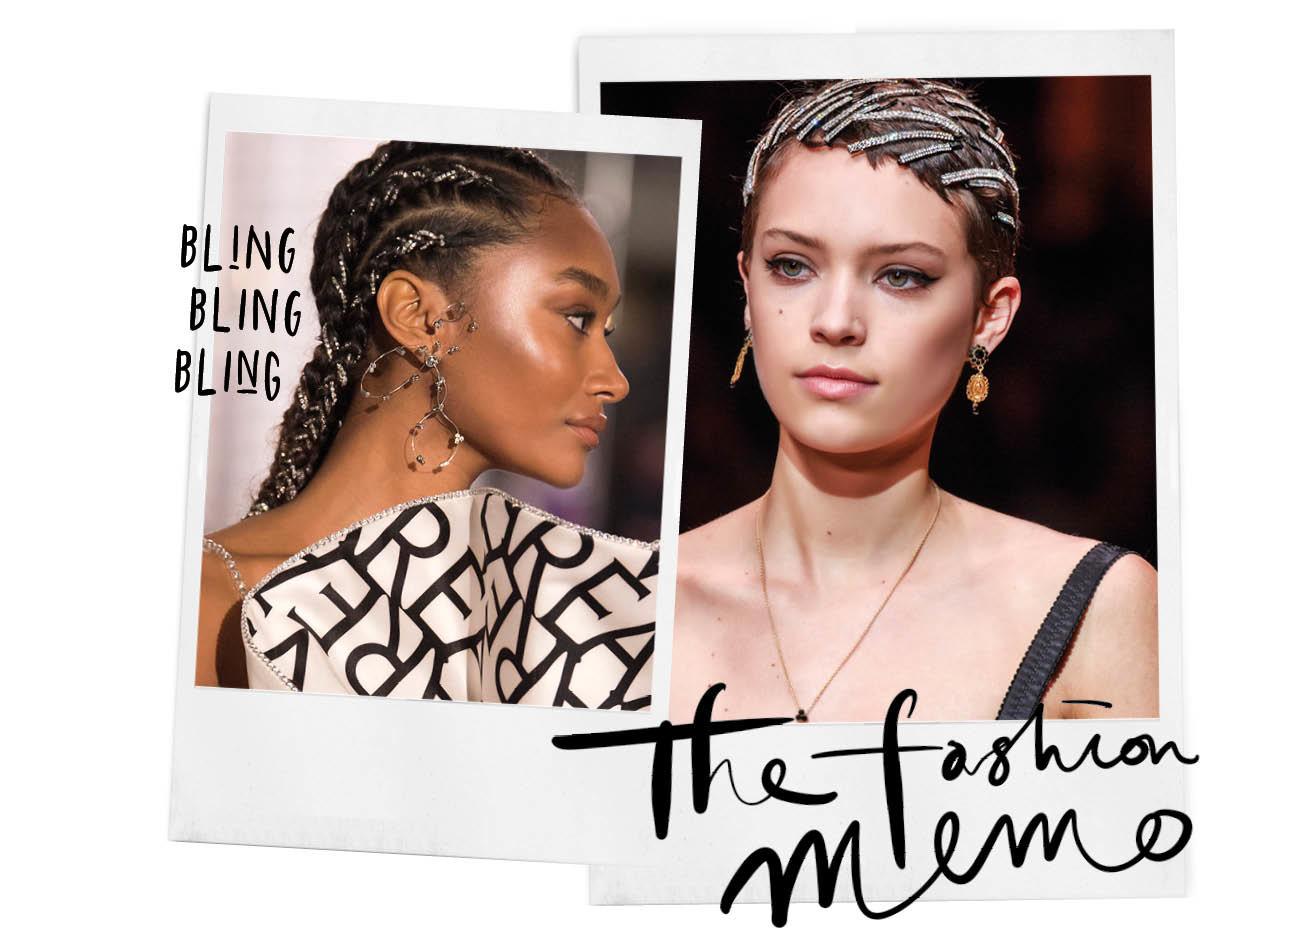 twee vrouwen met sieraden en bling steentjes in haar haar